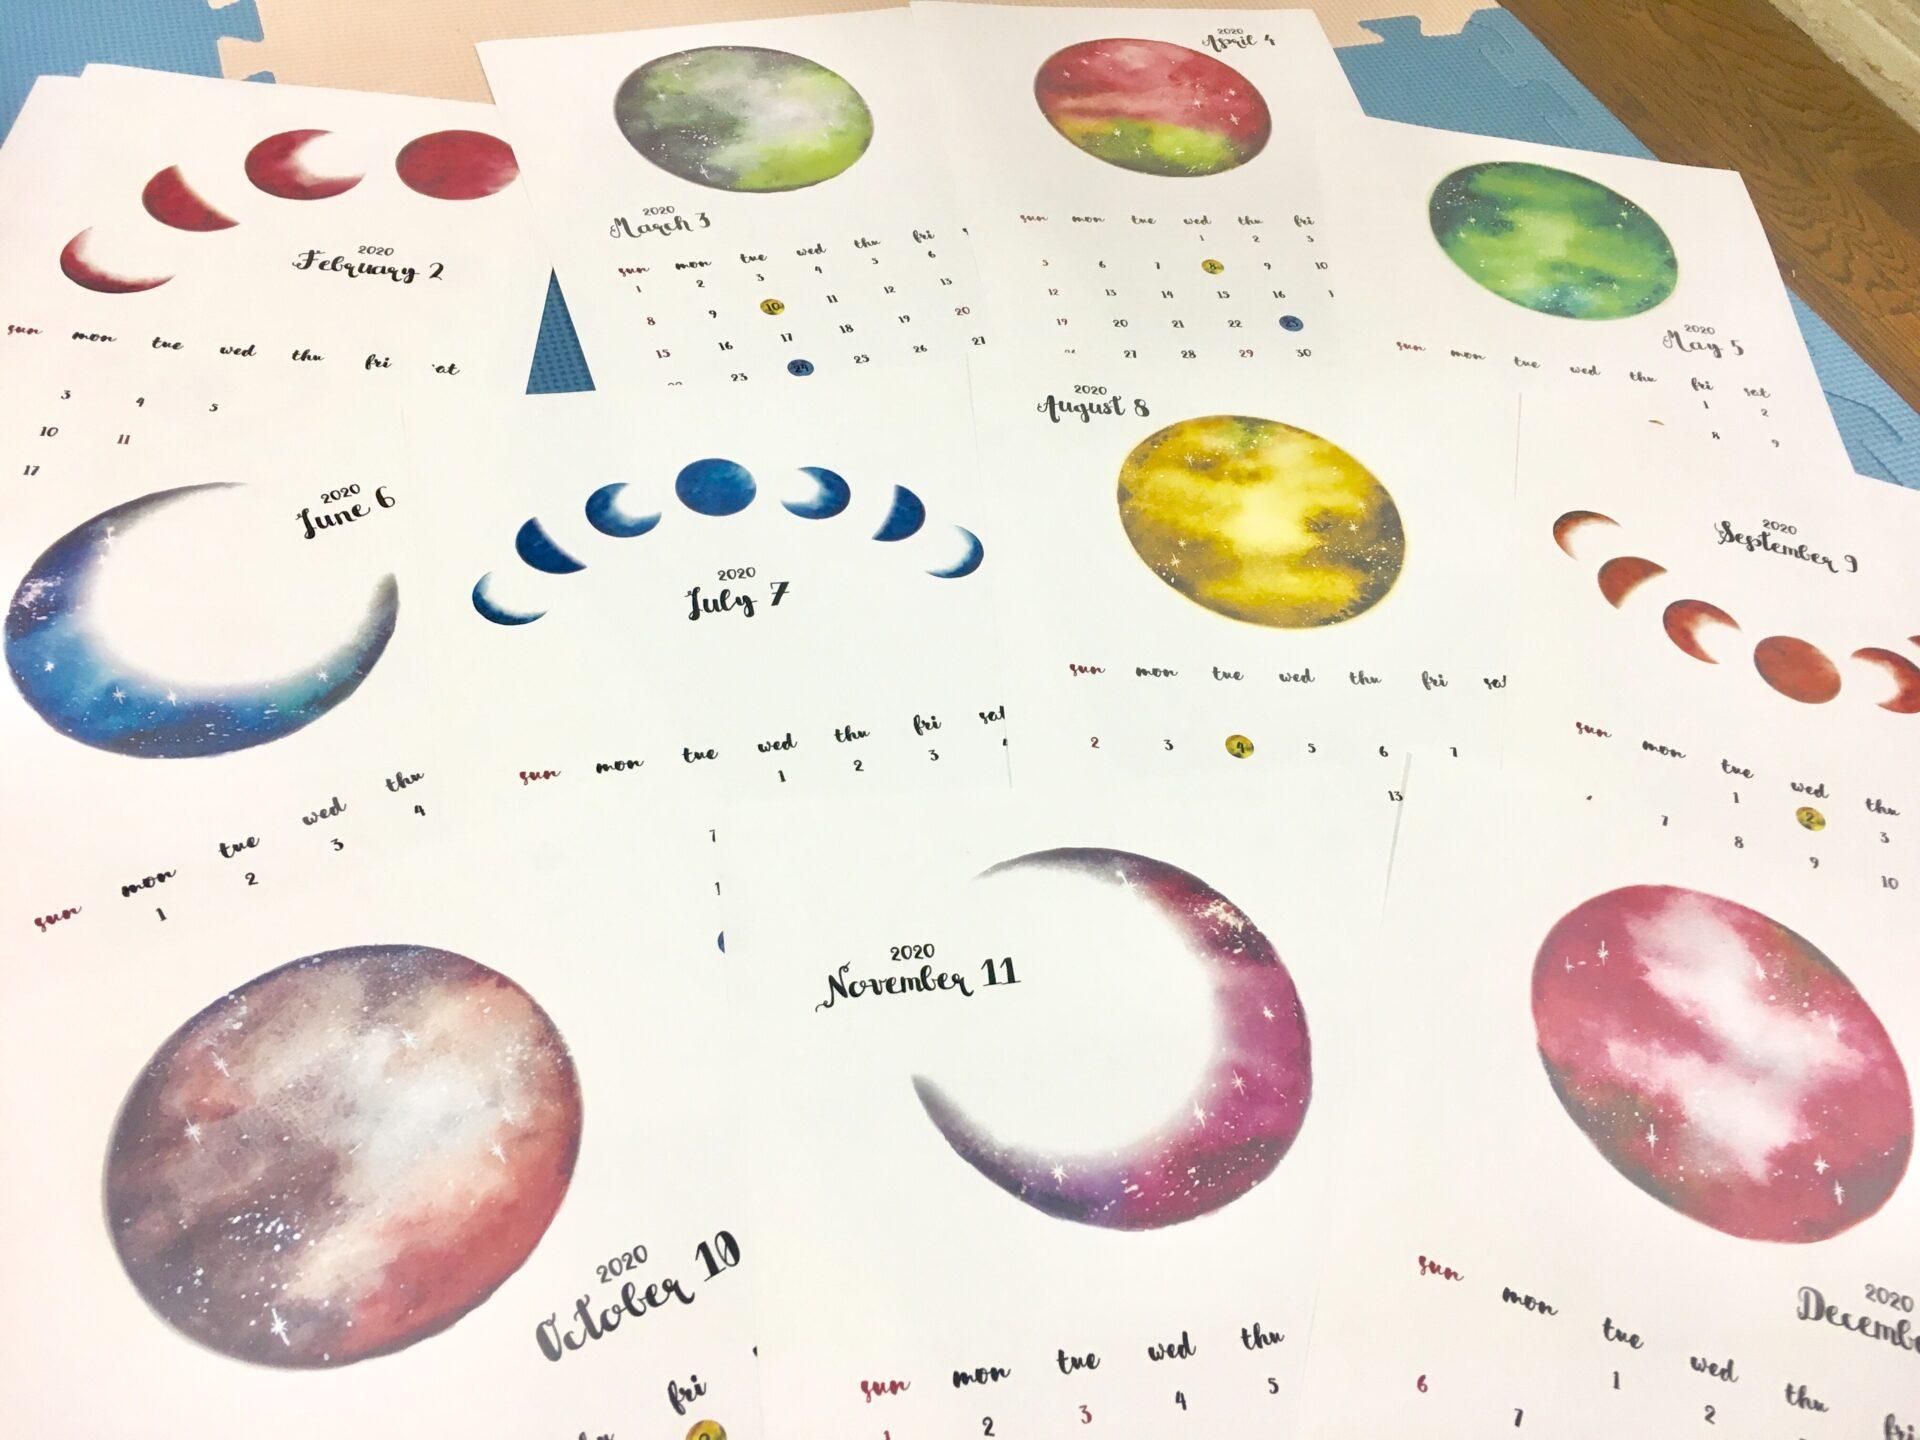 月のイラストカレンダー